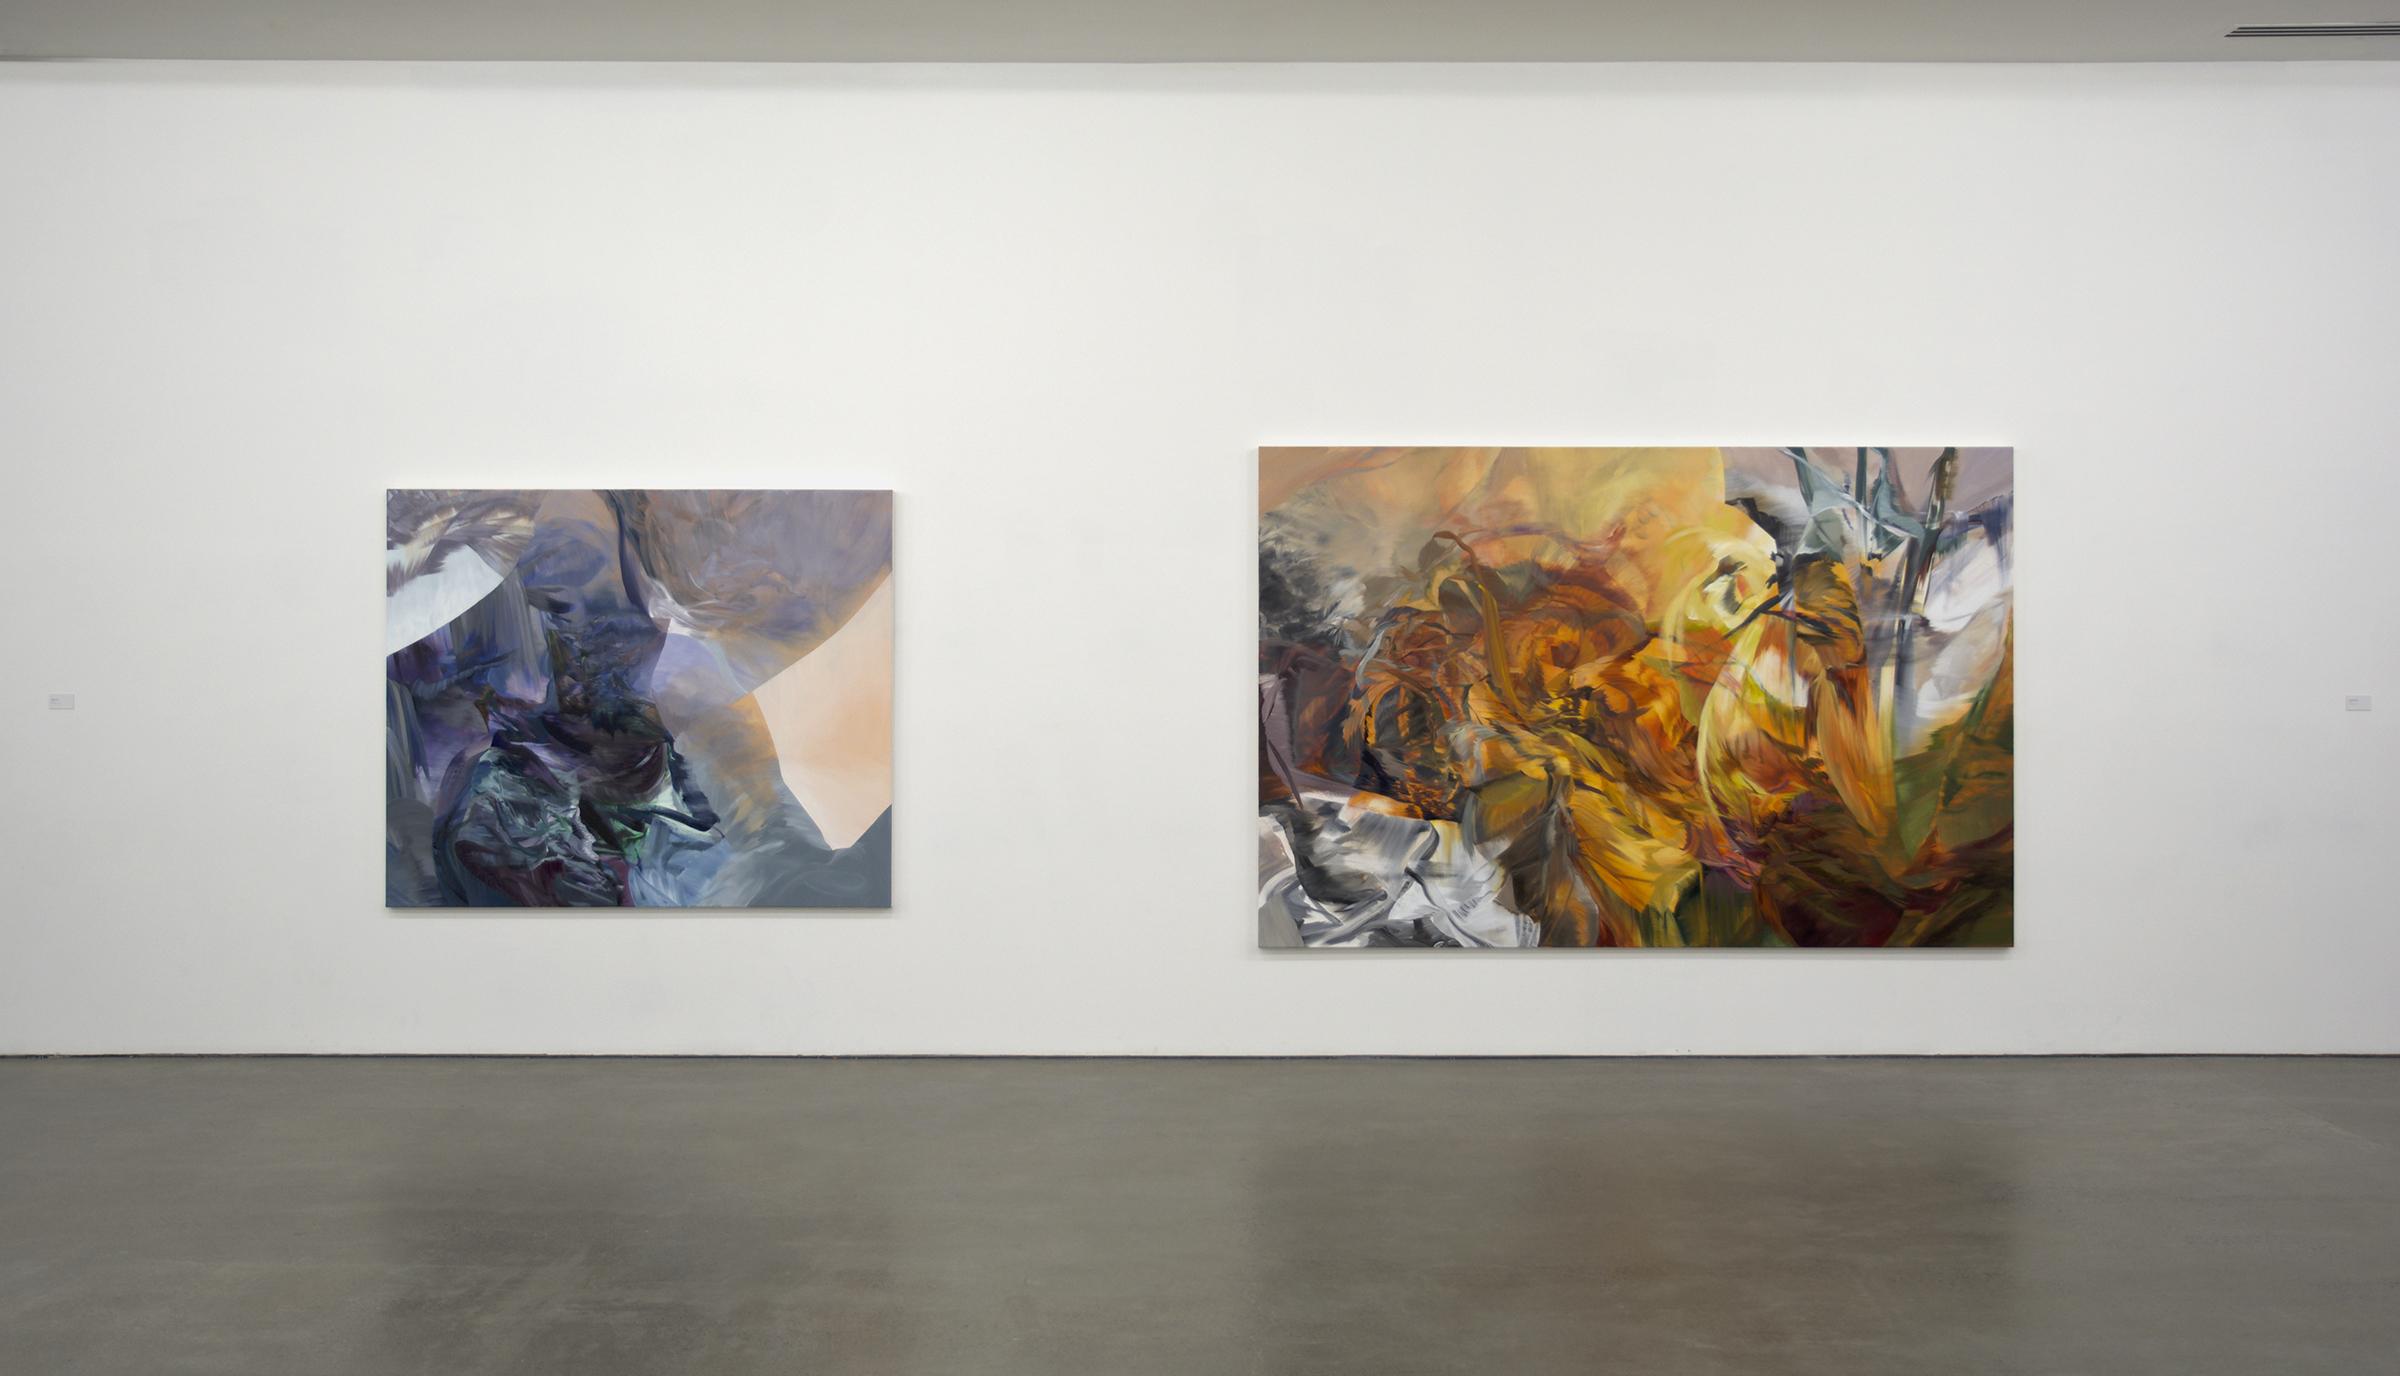 Melanie Authier, installation view  Contrarieties & Counterpoints , 2017 Galerie de l'UQAM, photo credit: Galerie de l'UQAM